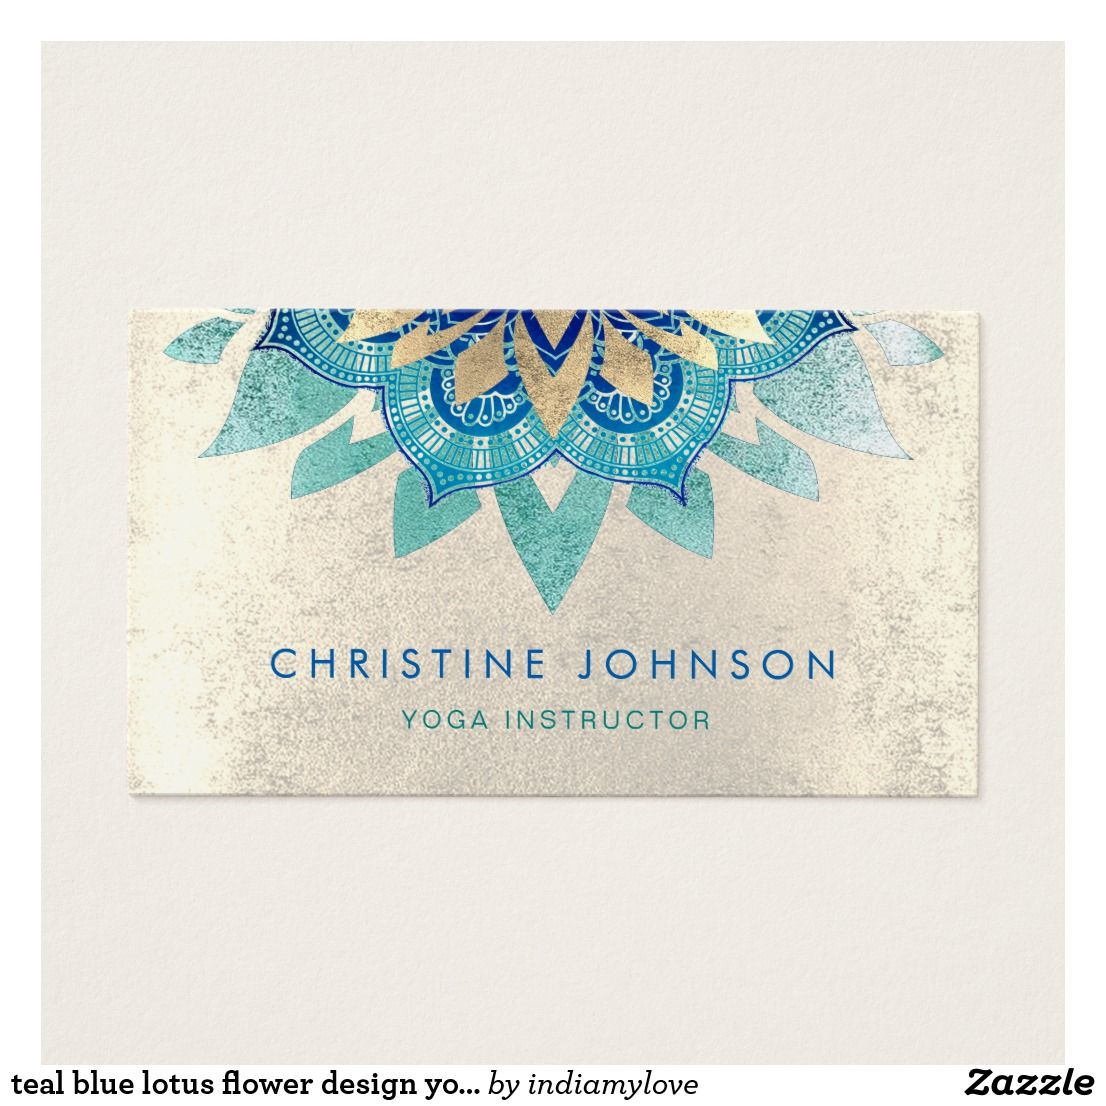 Teal Blue Lotus Flower Design Yoga Instructor Business Card Best